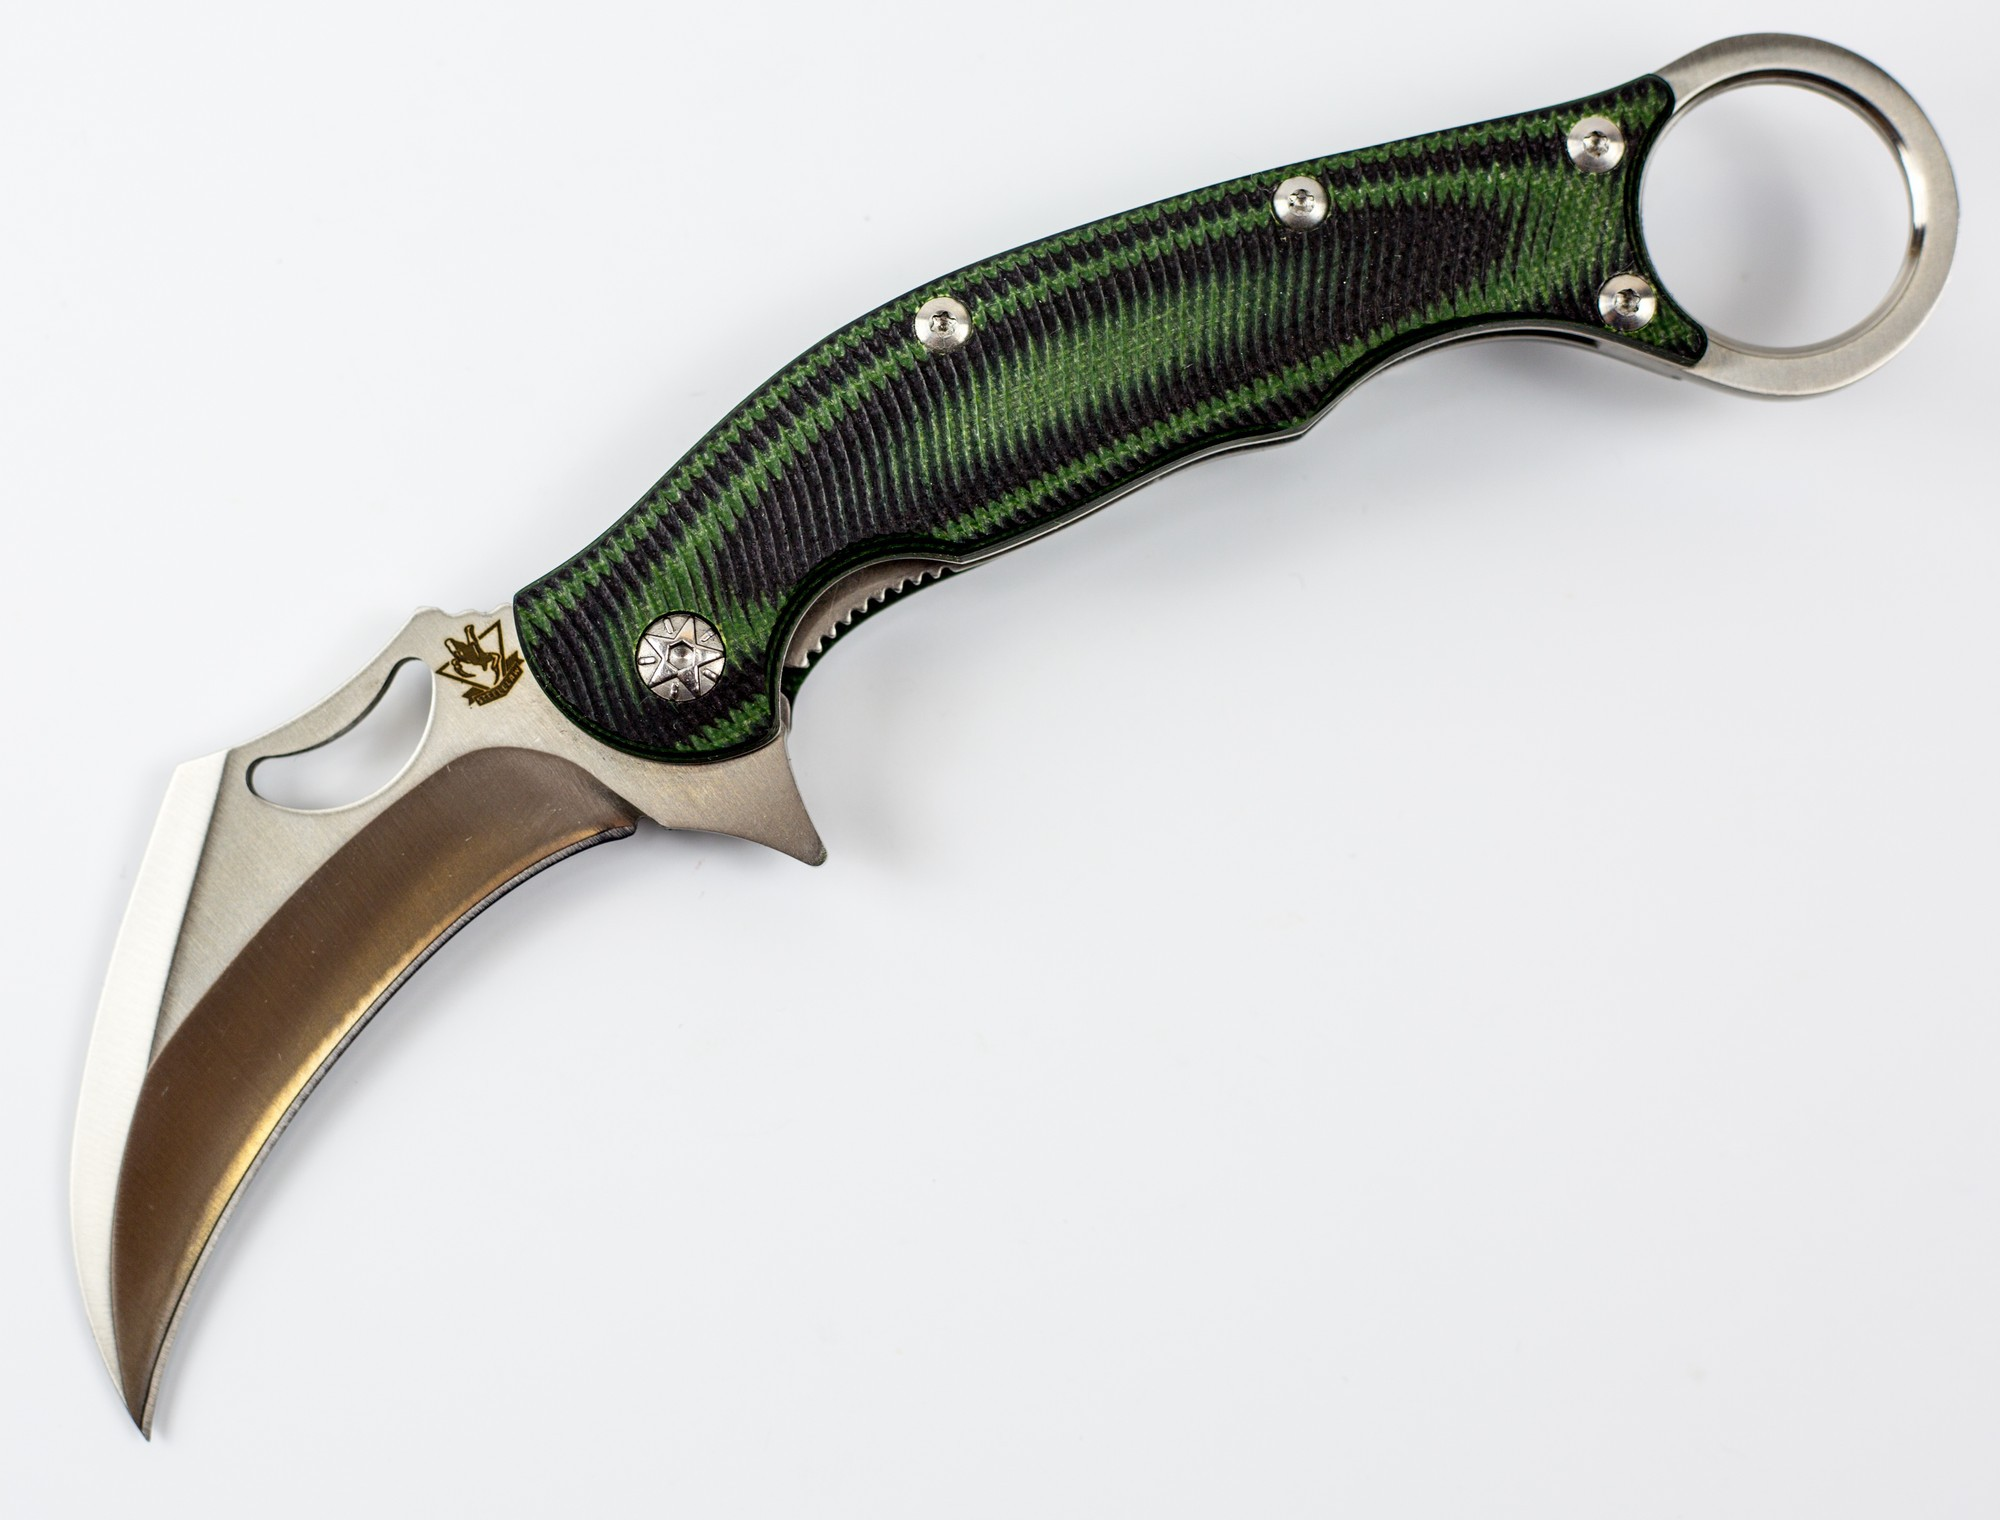 Складной нож Керамбит, зеленыйРаскладные ножи<br>Эта модель сочетает представляет собой стильный мужской аксессуар. Складной нож Керамбит Зеленый позволит вам не только решать бытовые задачи, но и выделяться среди других владельцев ножей. С таким ножом легко стать центром внимания в любой компании, получить больше внимания от противоположного пола. Такой нож станет предметом зависти ваших друзей и коллег. Несмотря на изогнутый клинок нож имеет отличные рабочие характеристики: легко режет продукты, разрезает веревки и садовые шланги. Для уверенного удержания ножа в экстремальной ситуации в тыльной части расположено кольцо для пальца.<br>